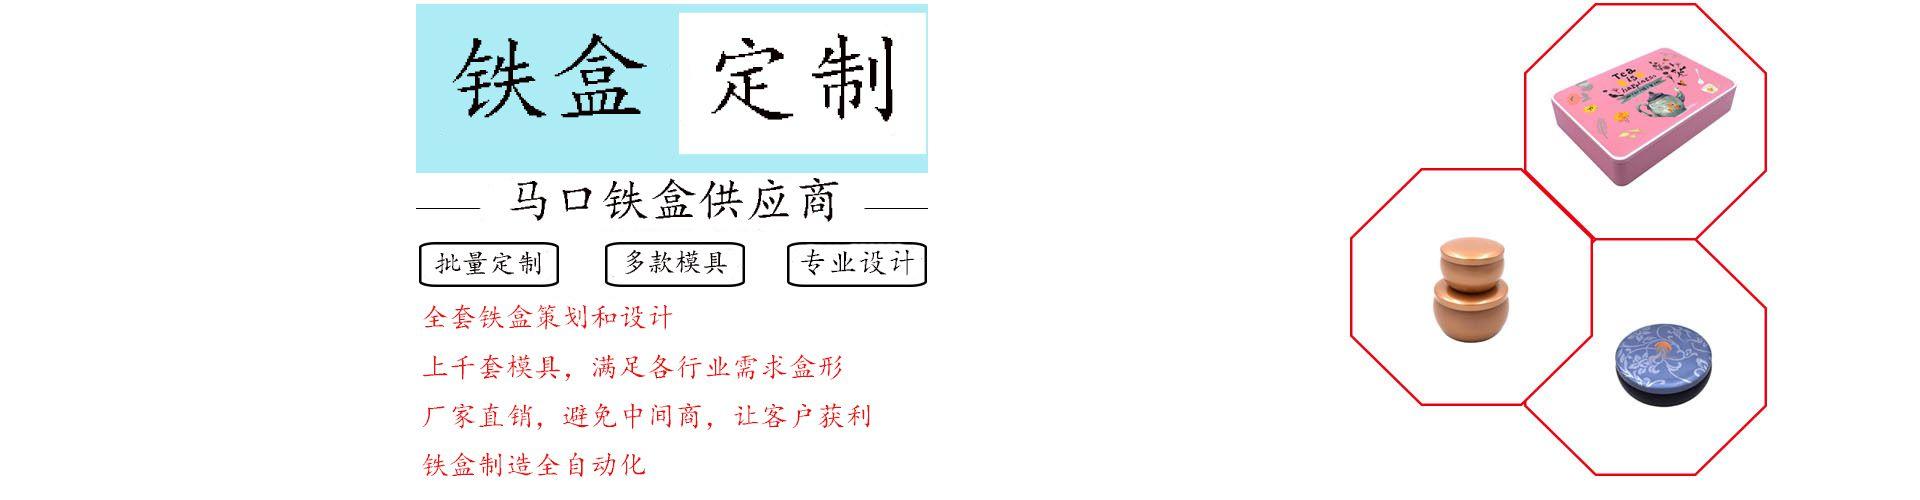 东莞市义信利包装有限公司